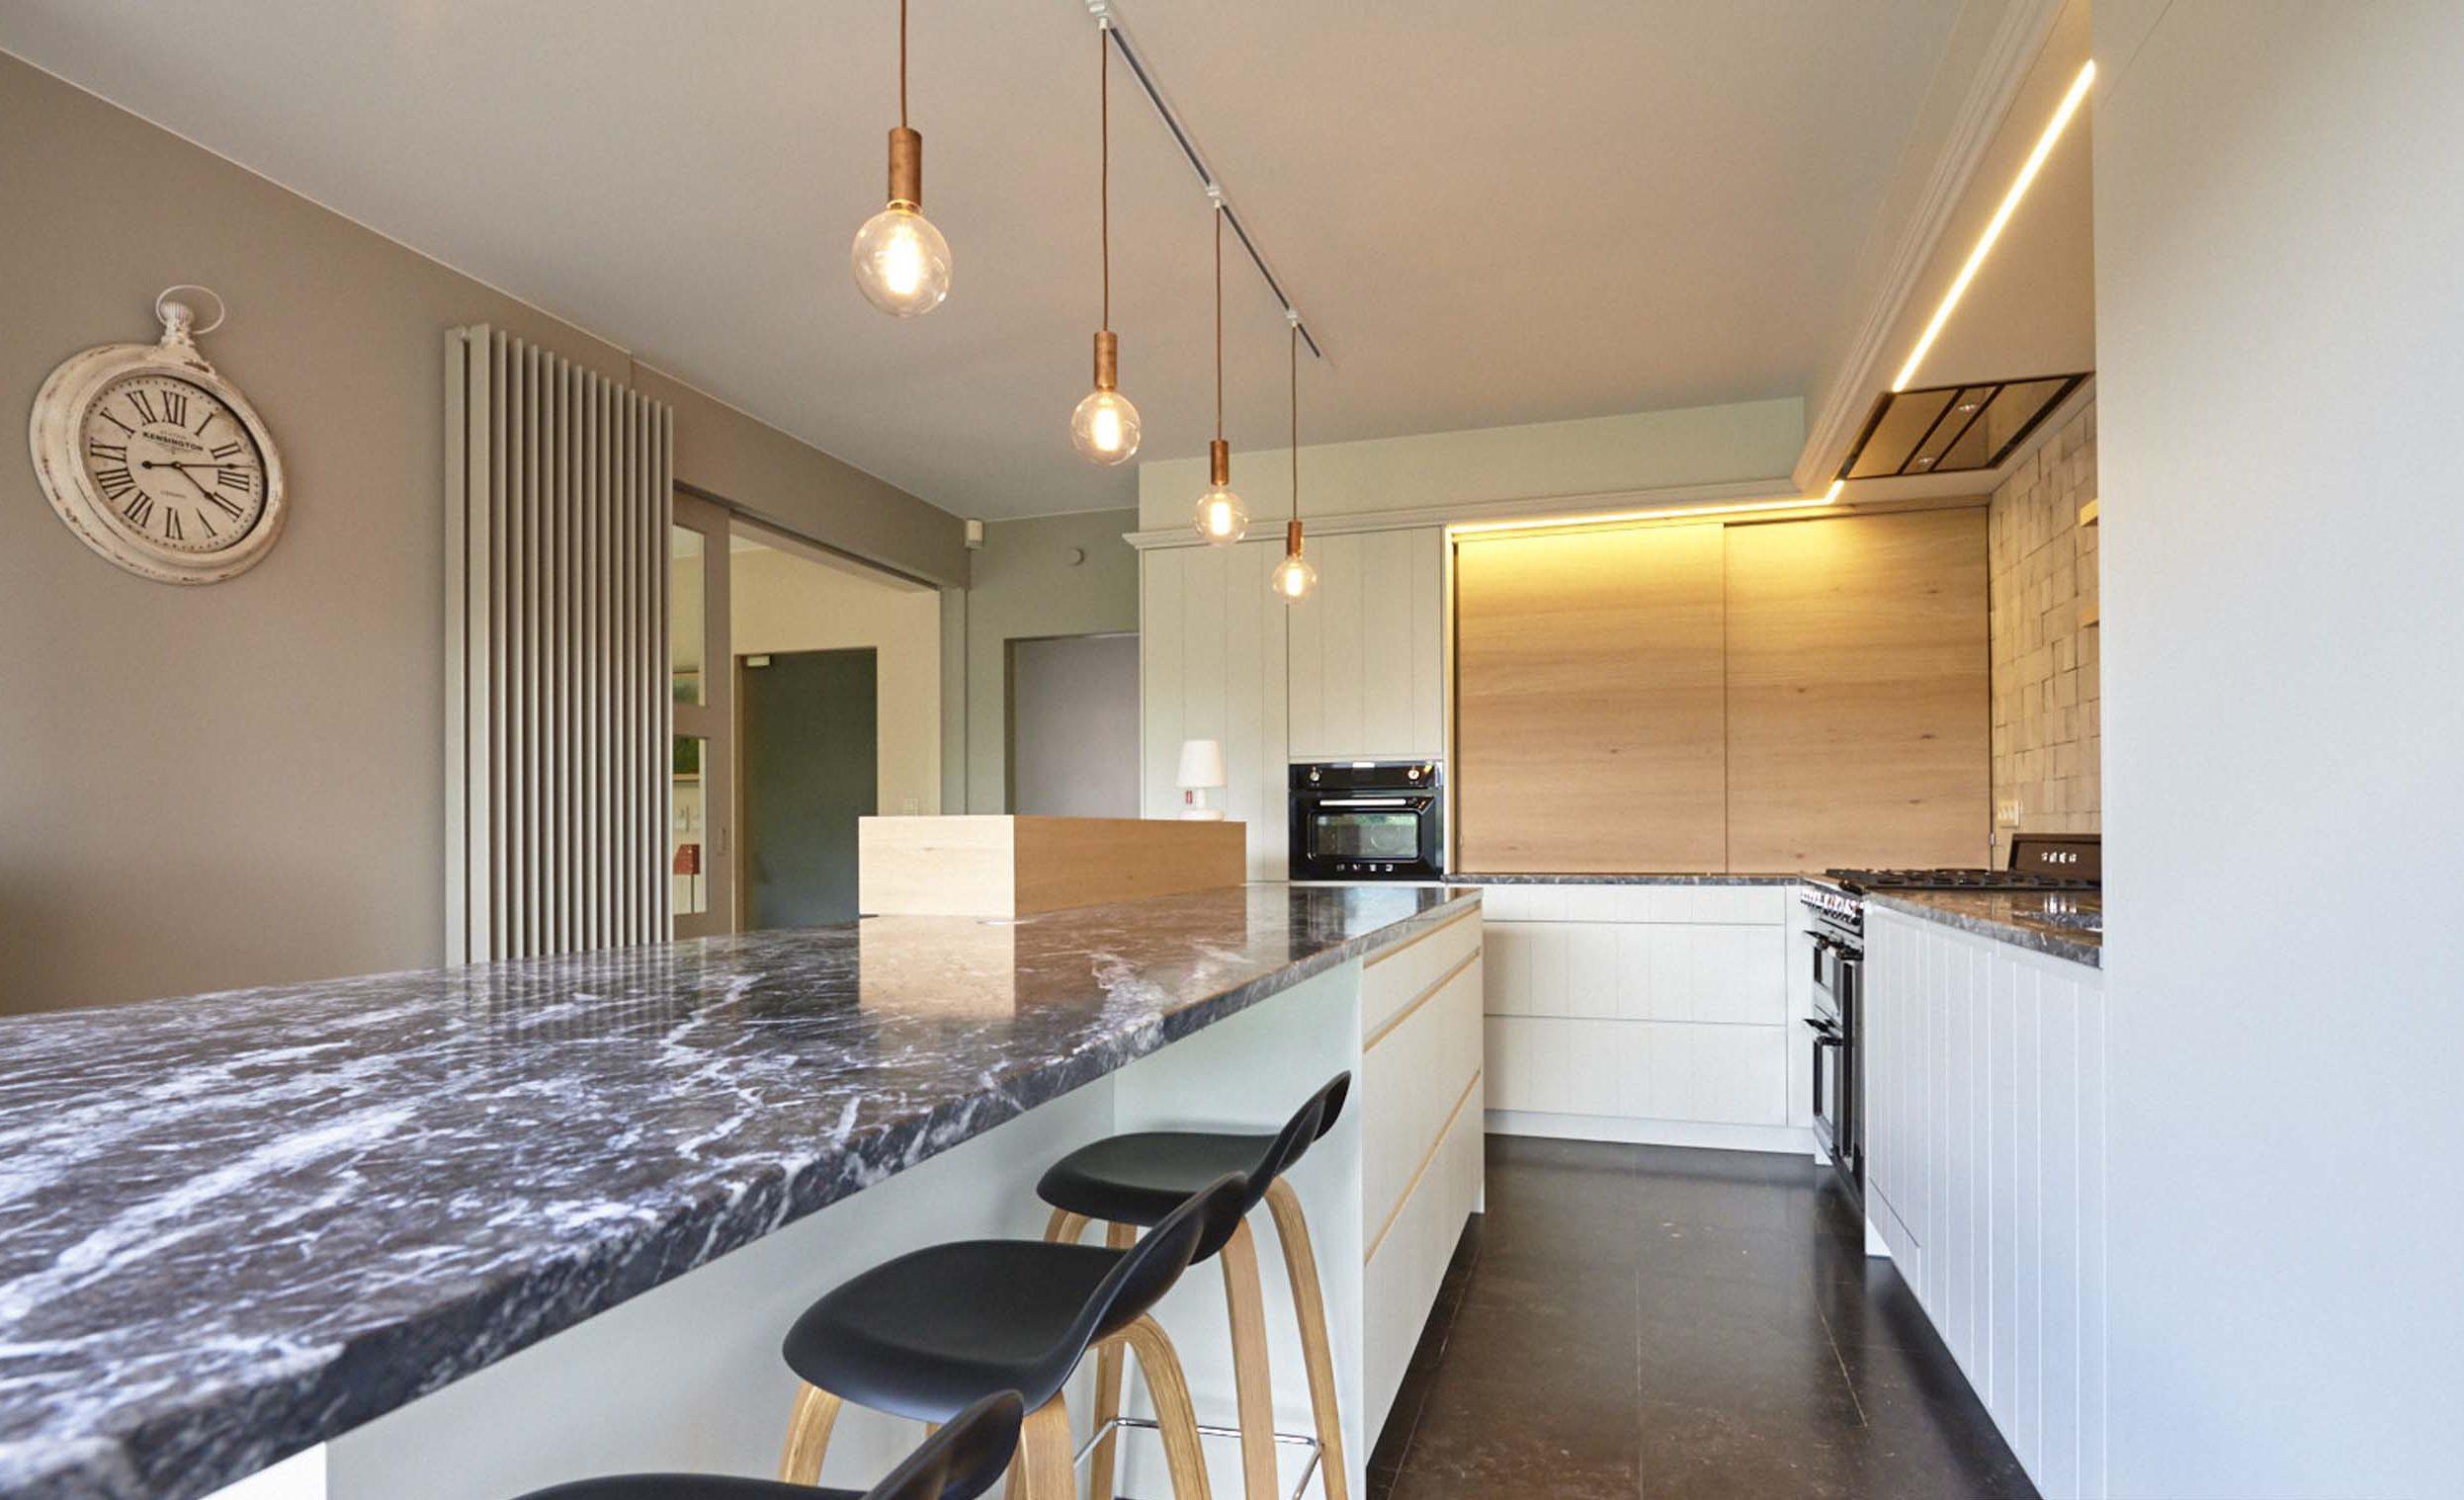 Vanda-projects-interieurinrichting-meubelmakerij-oost-vlaanderen-dumoulin-verlichting